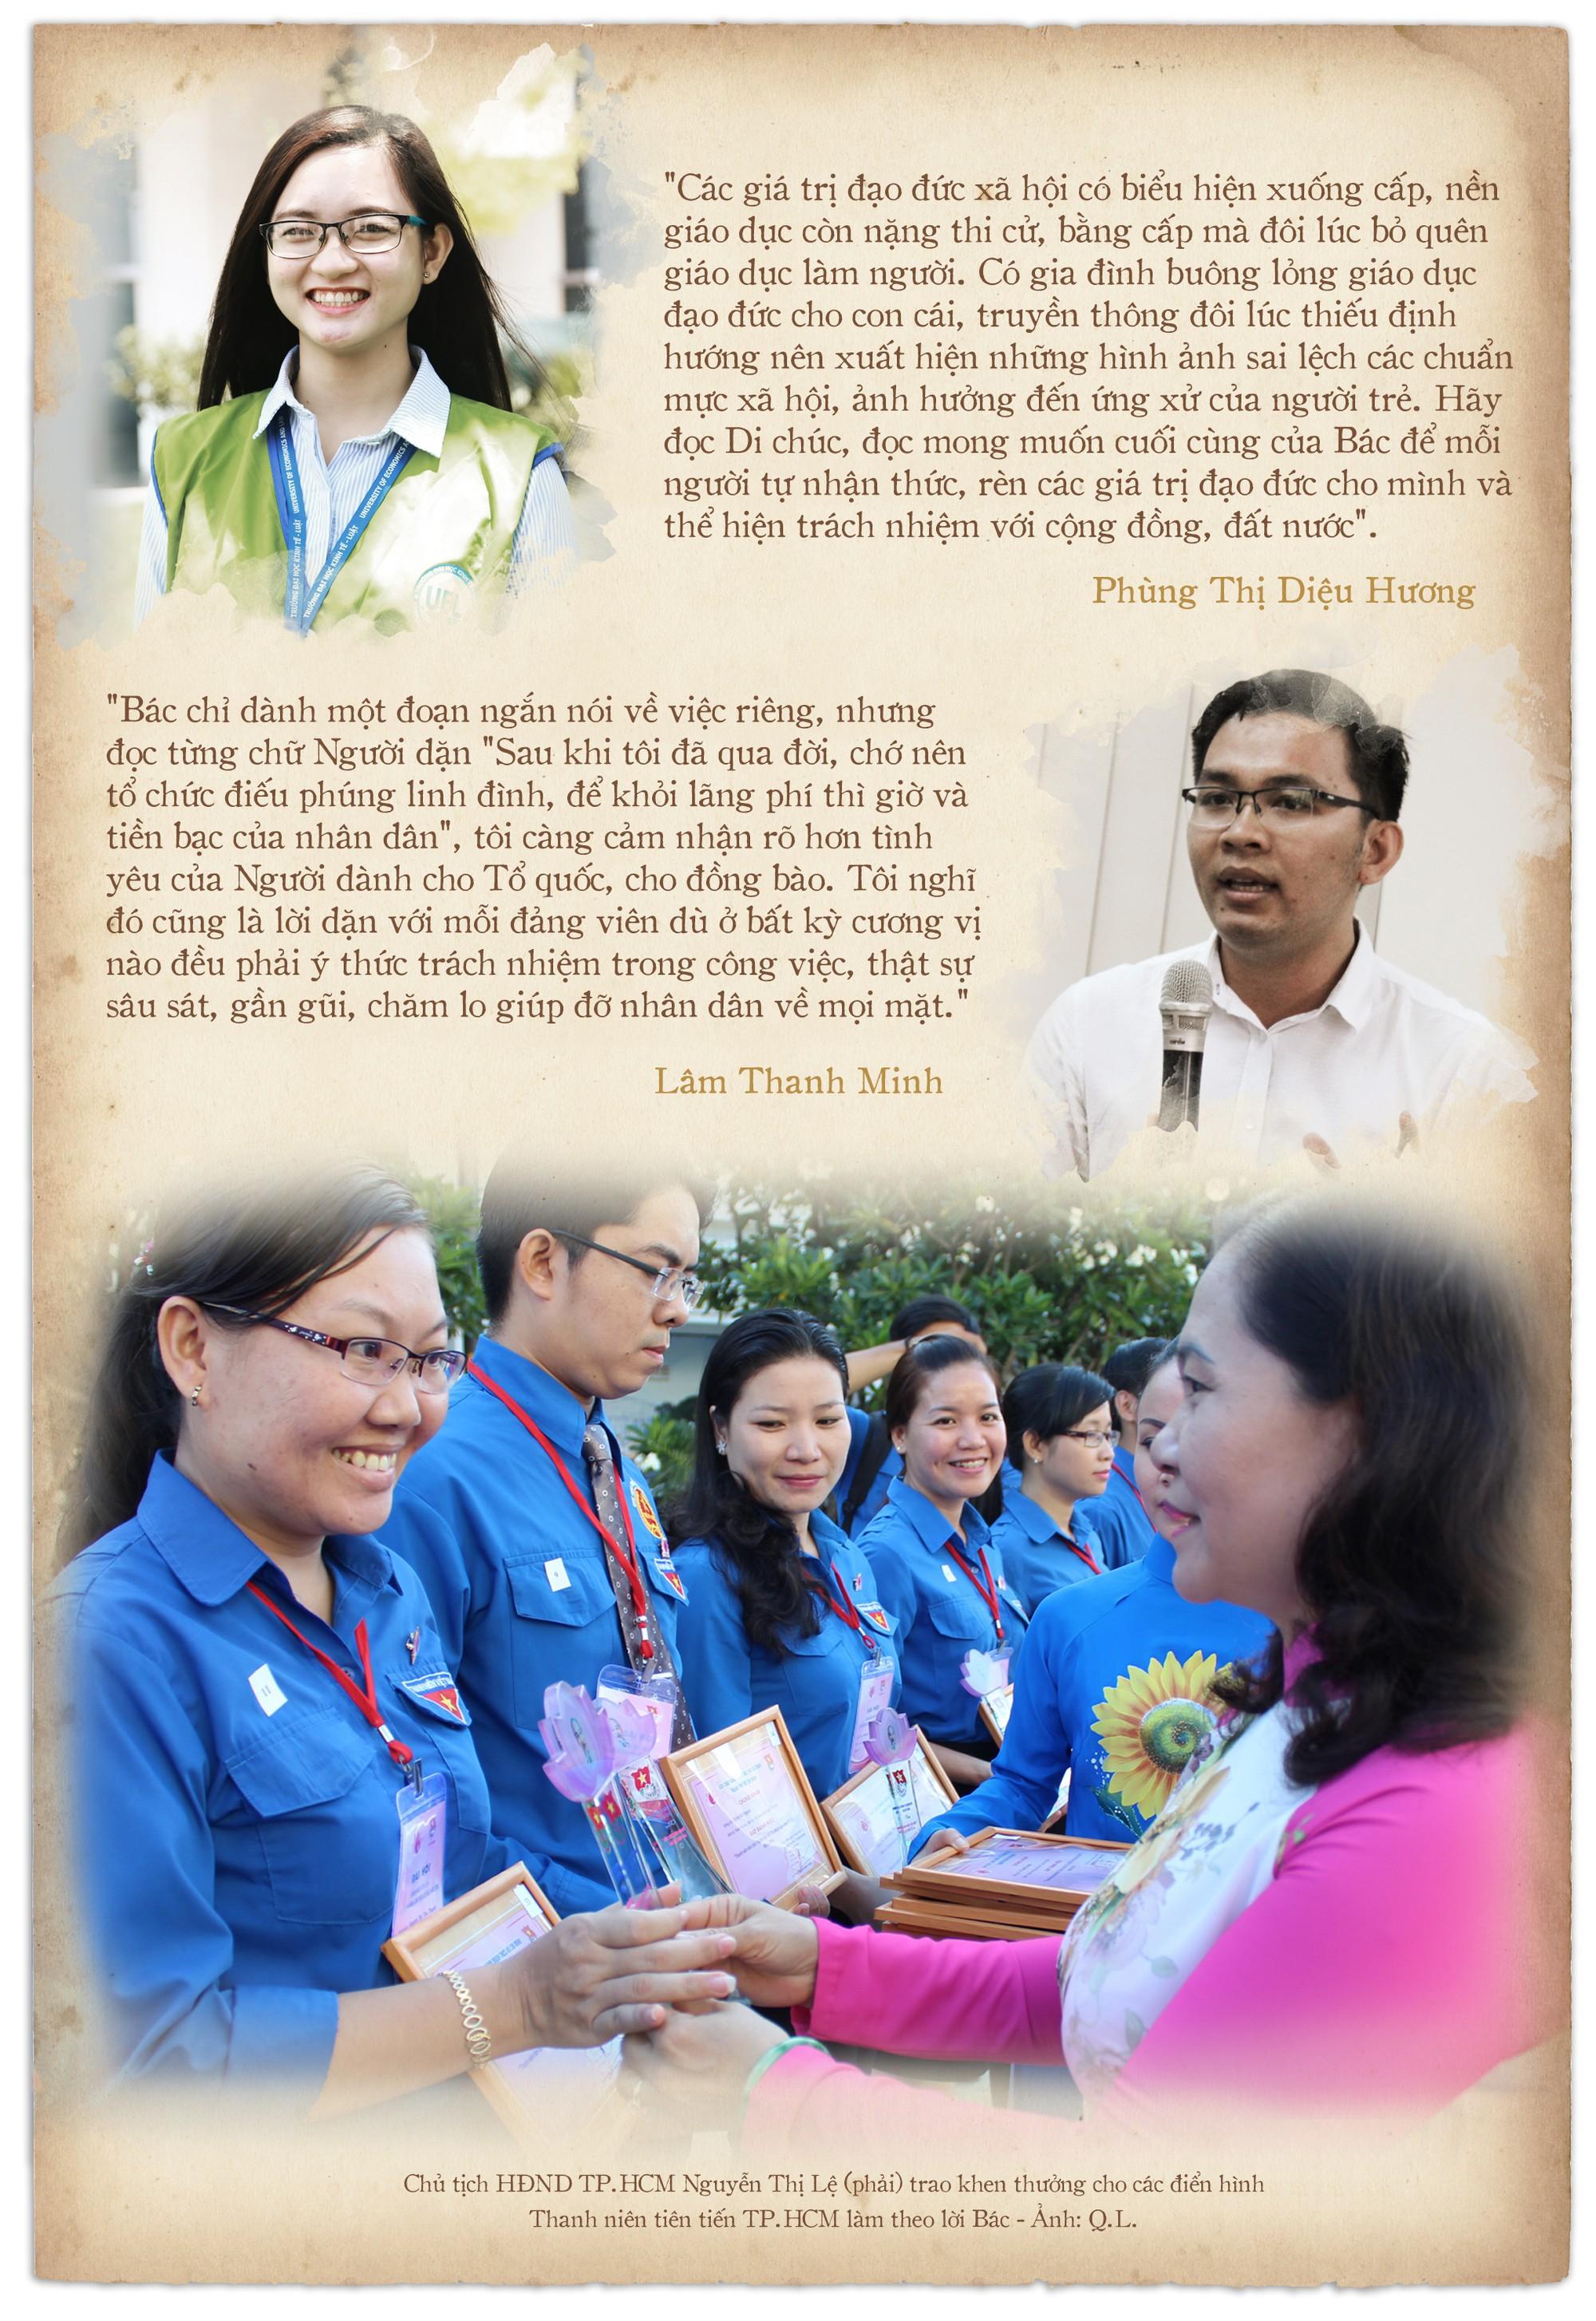 Di chúc của Chủ tịch Hồ Chí Minh: Như ngọn đuốc soi đường cho dân tộc - Ảnh 10.